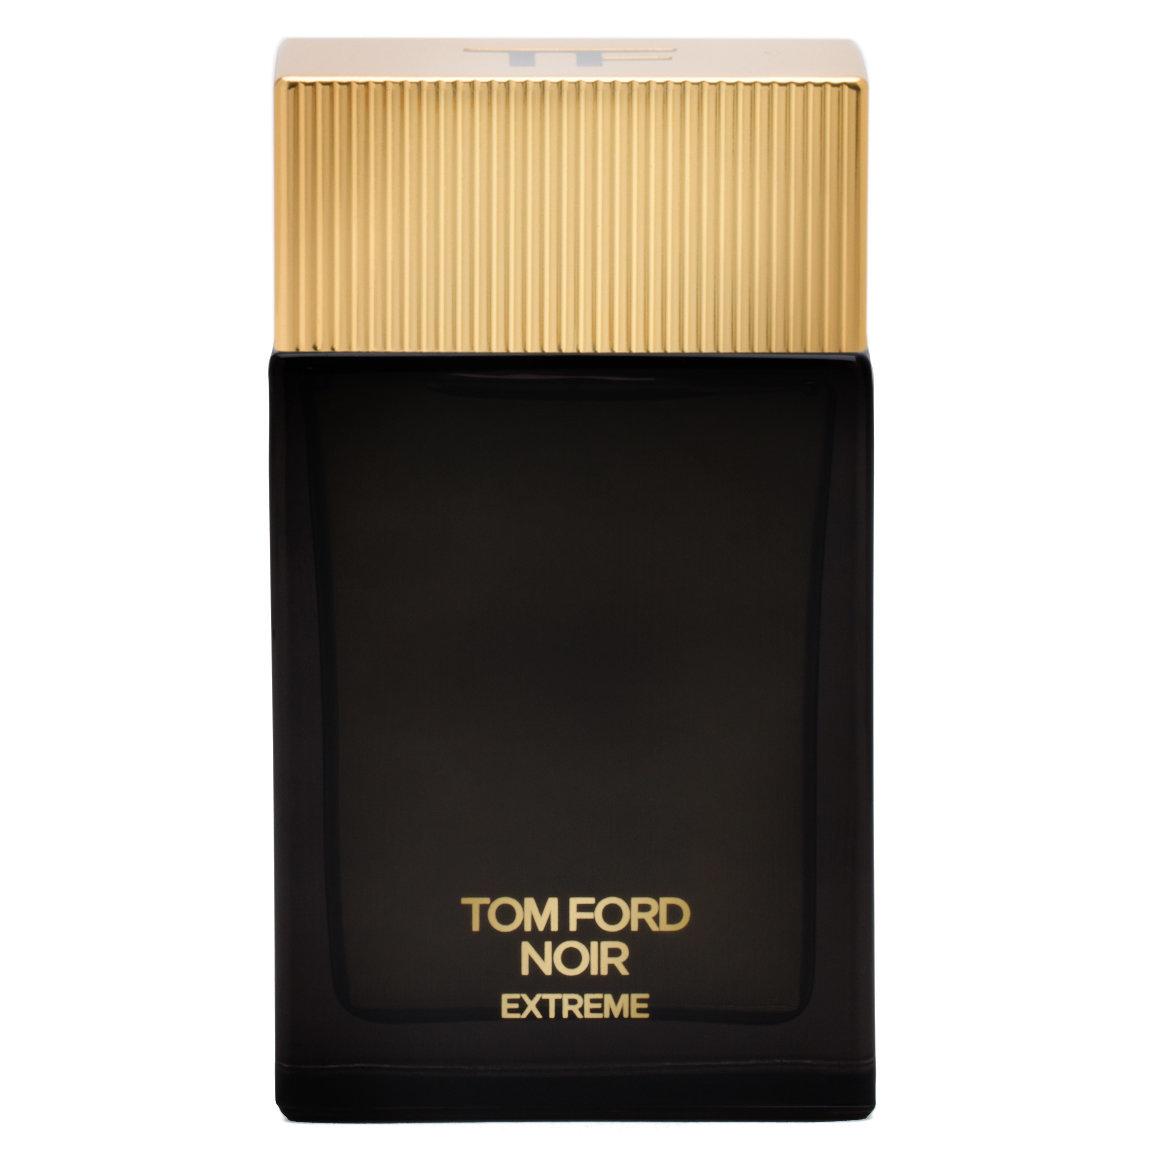 TOM FORD Tom Ford Noir Extreme 100 ml